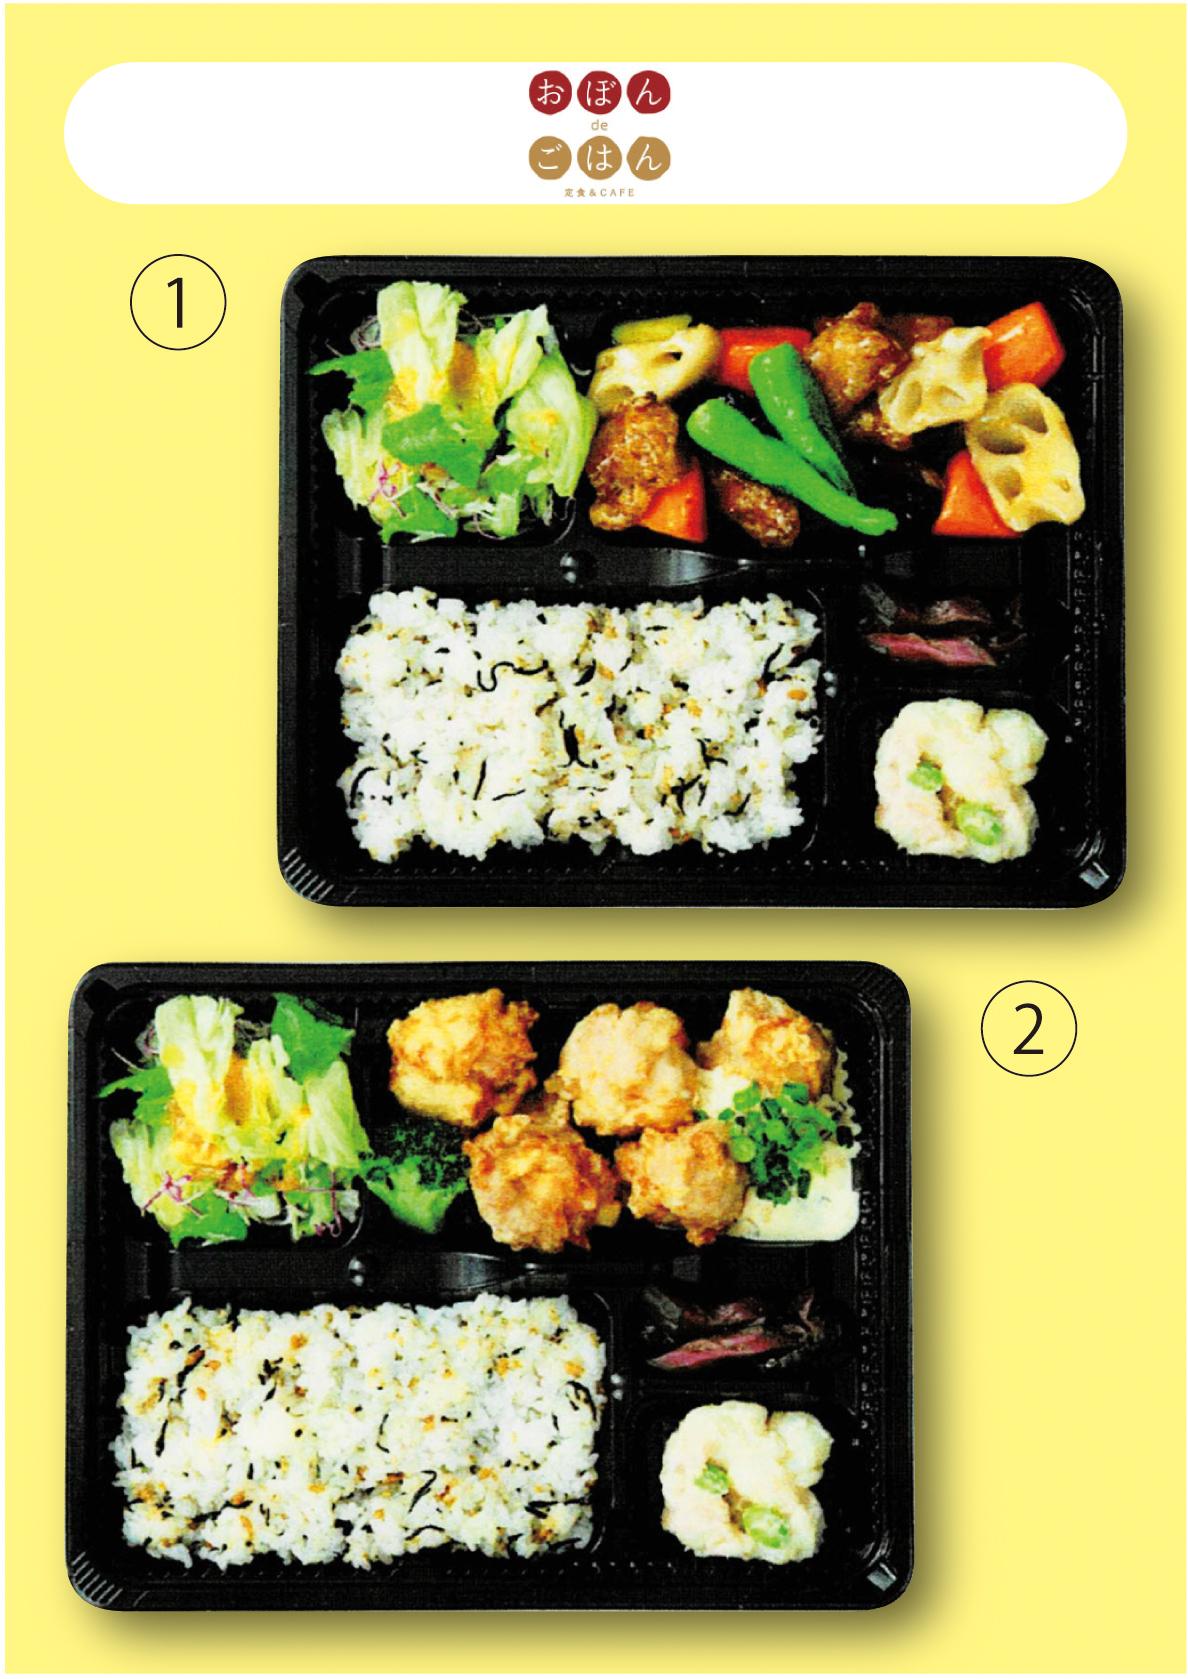 ①ごろごろ根菜と豚肉の黒酢ソース弁当の画像